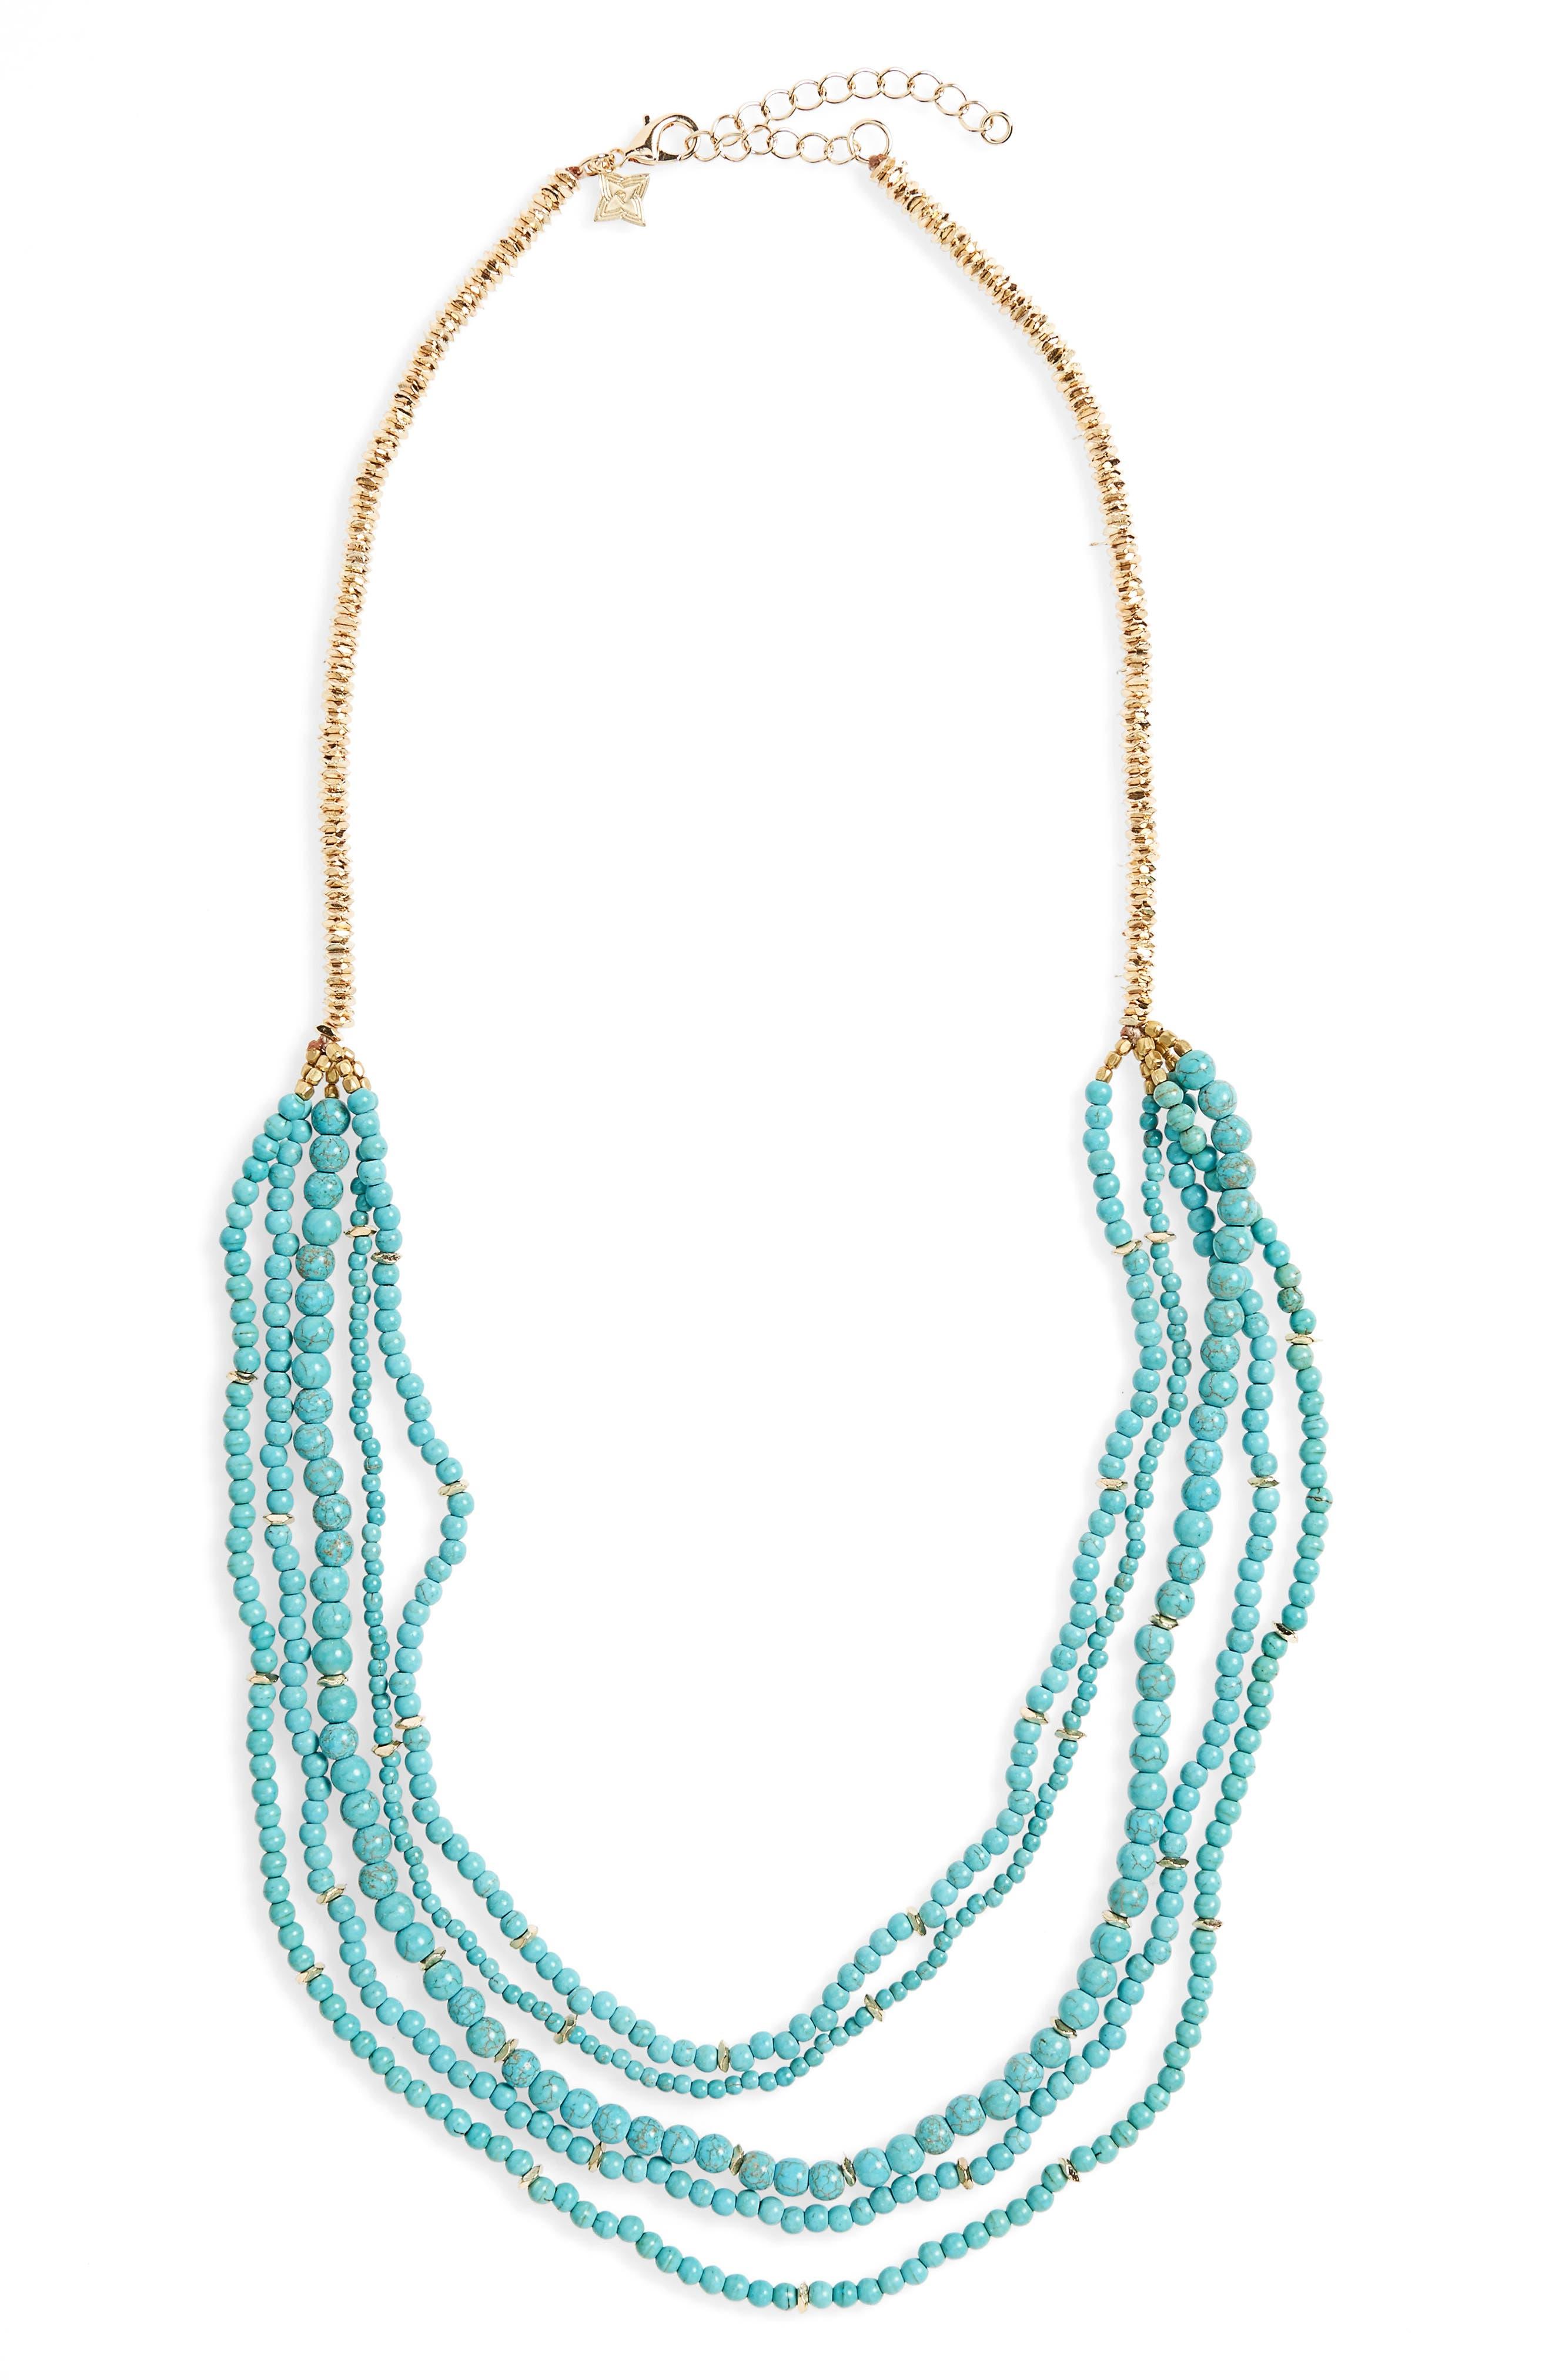 Howlite & Quartz Multistrand Necklace,                             Main thumbnail 1, color,                             420